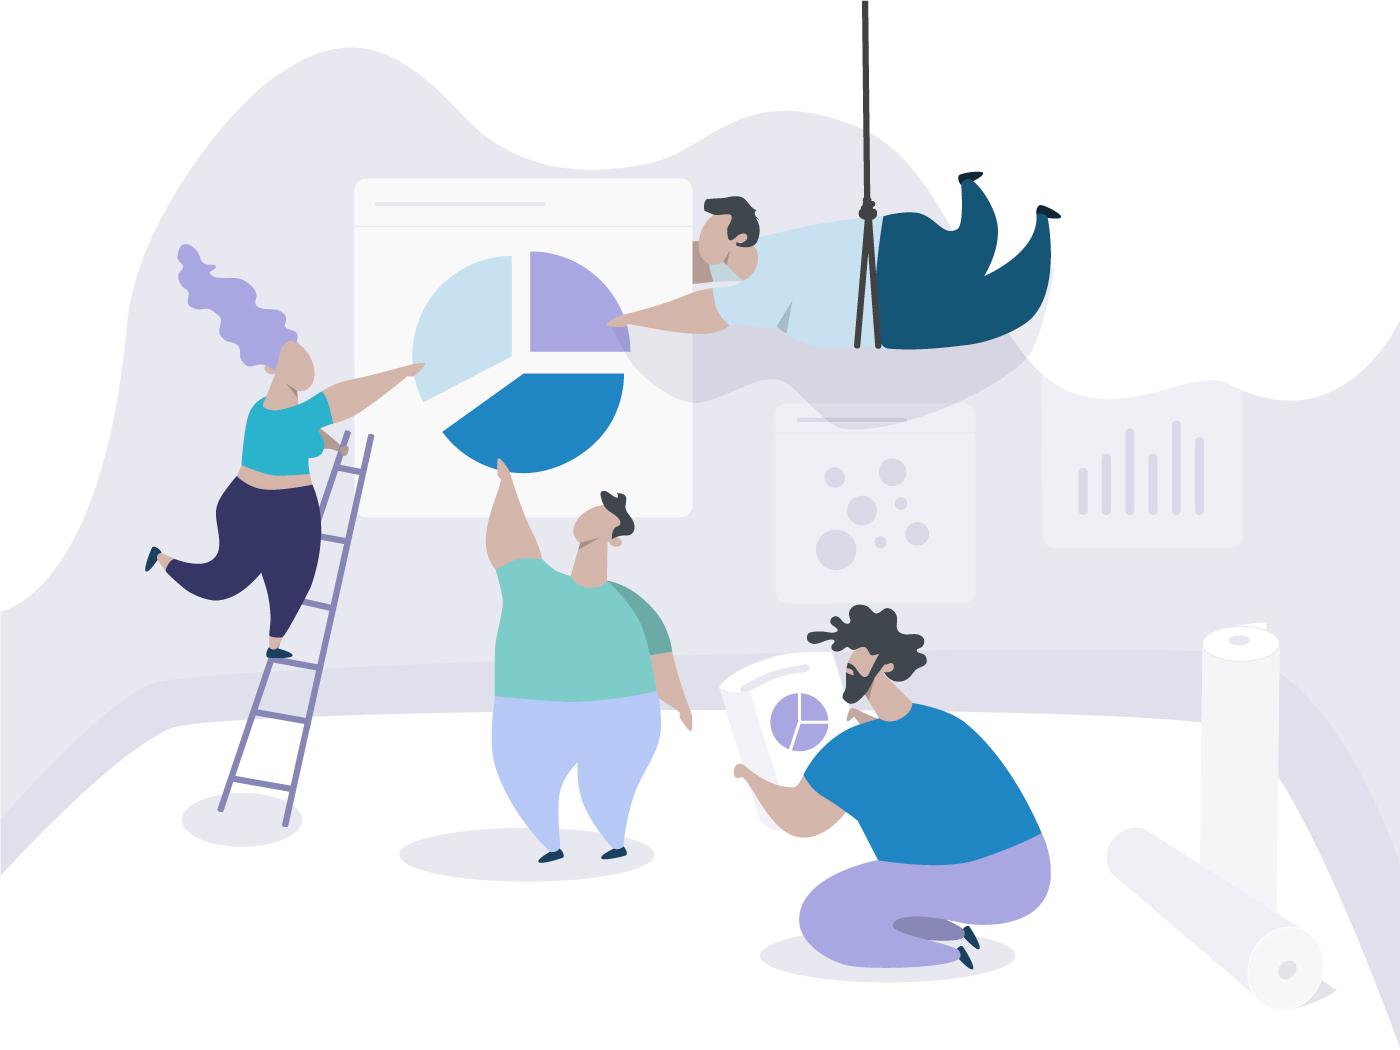 Backstage of Dashboard design backstage violet teamwork team sketch ui web character vector minimal dashboard illustration